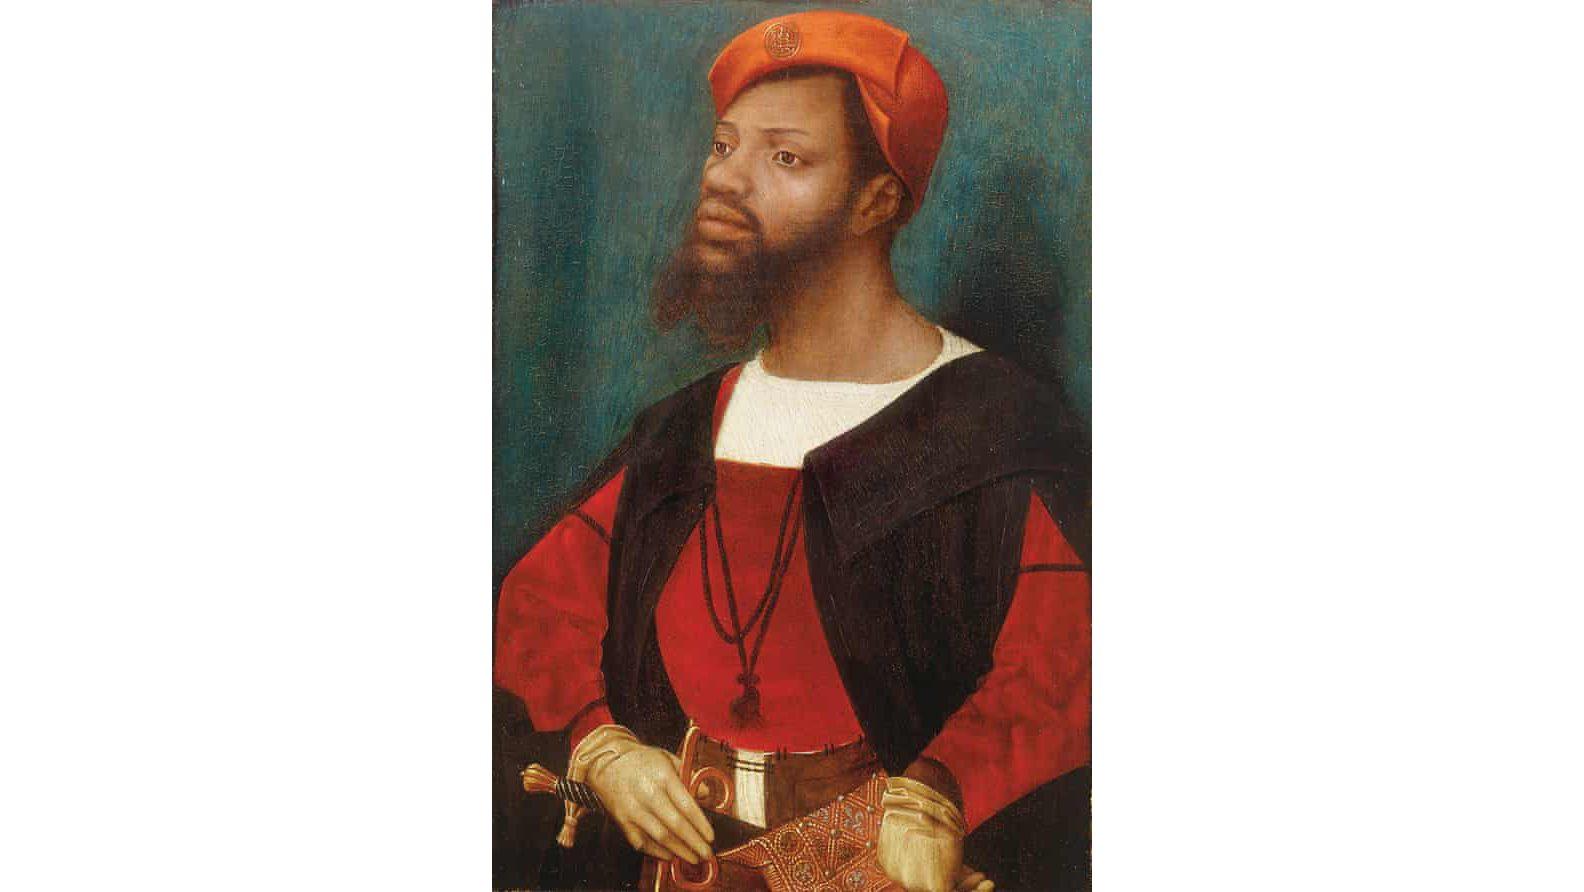 Black Tudors – The History of England Podcast